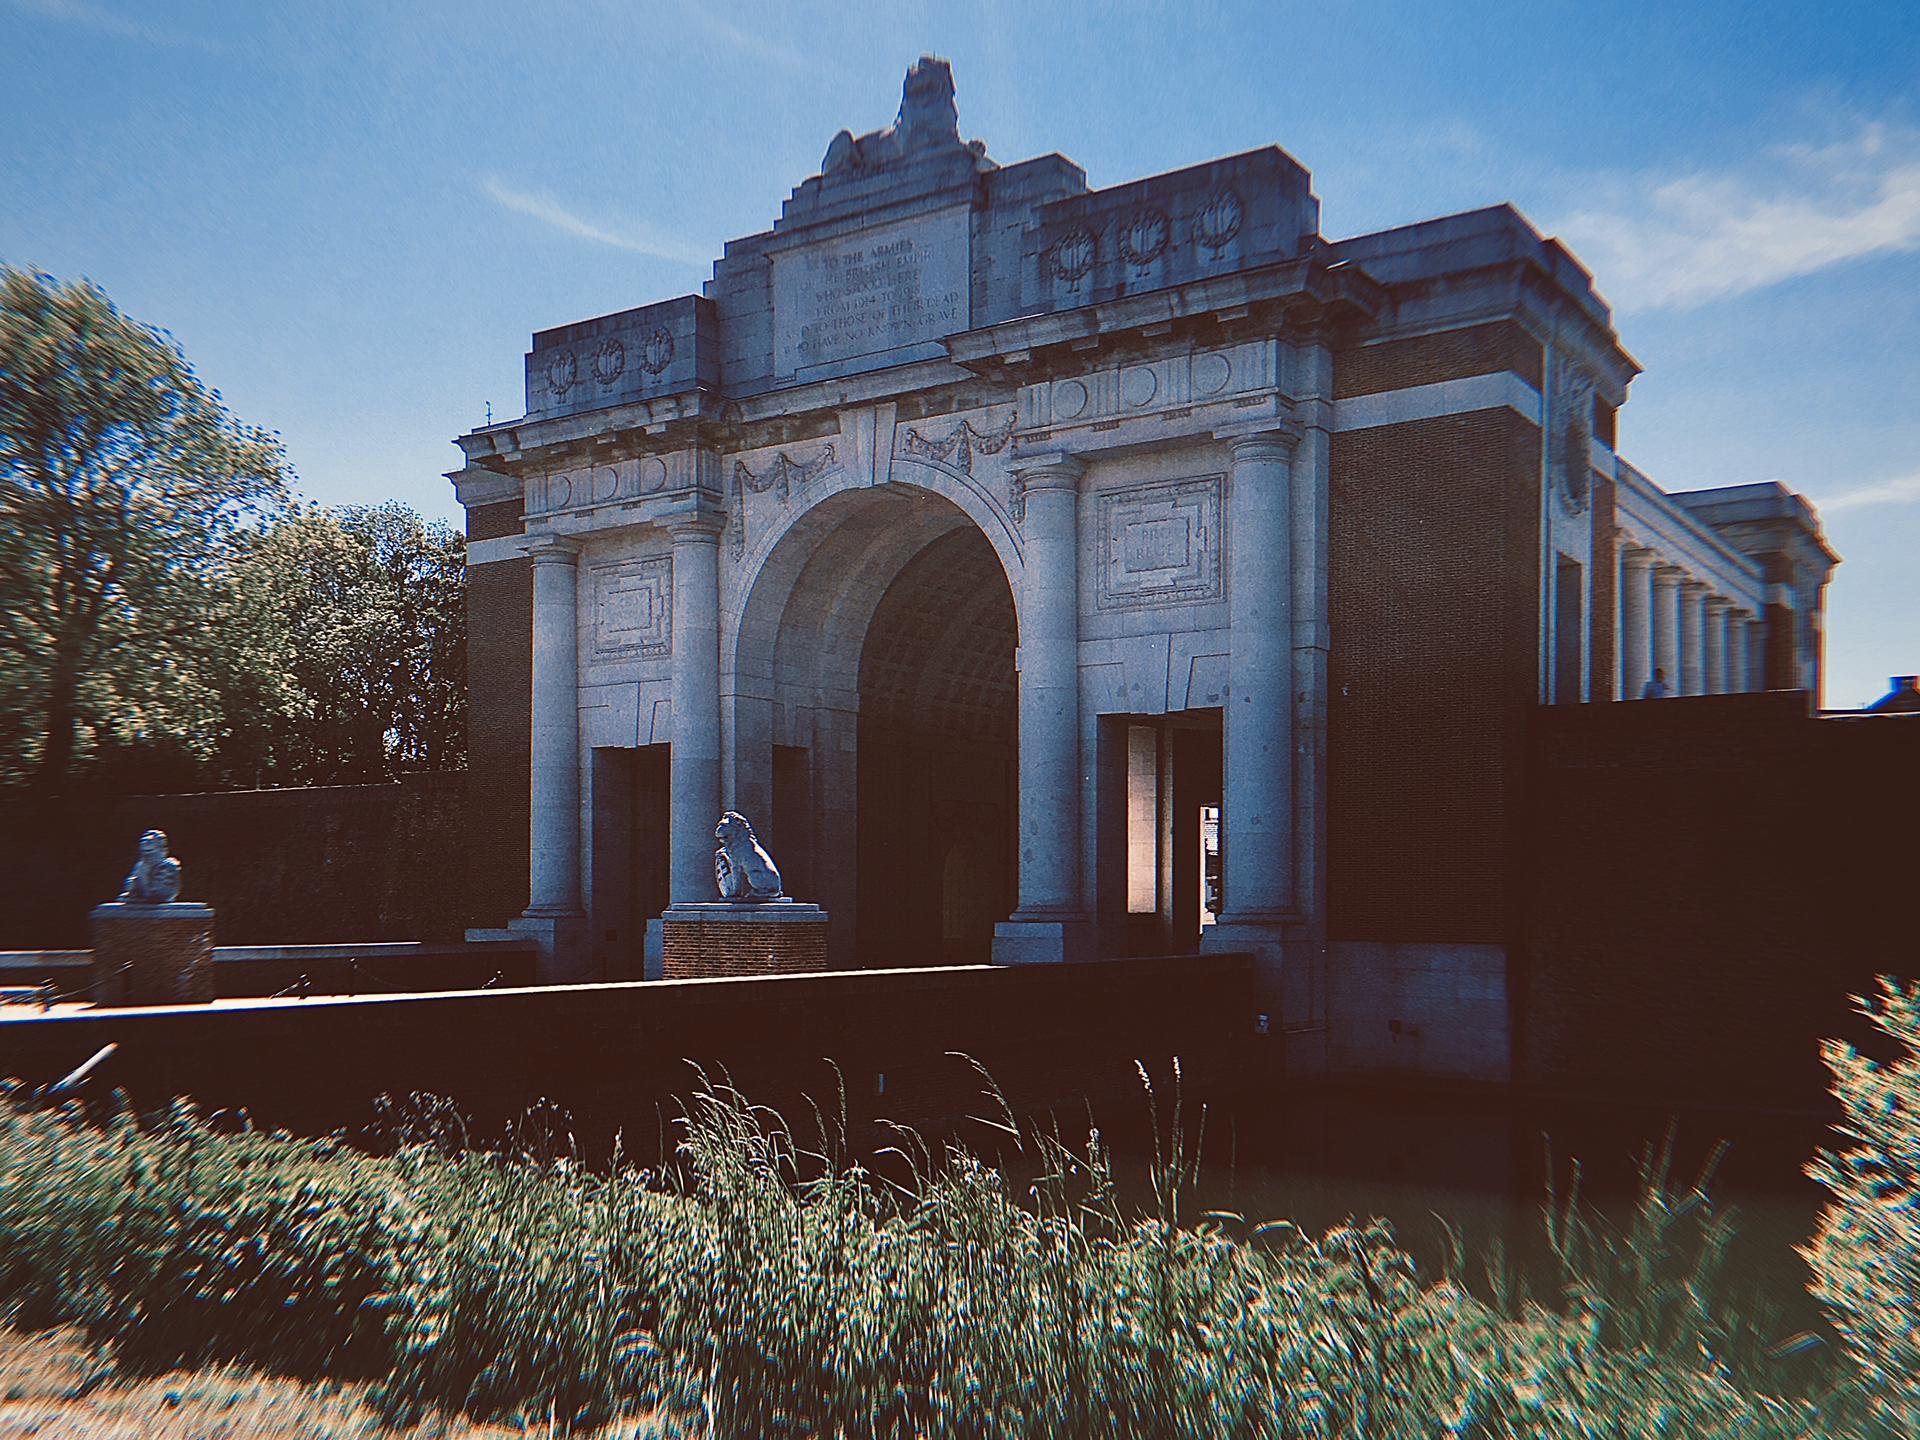 Menenpoort - Ypres